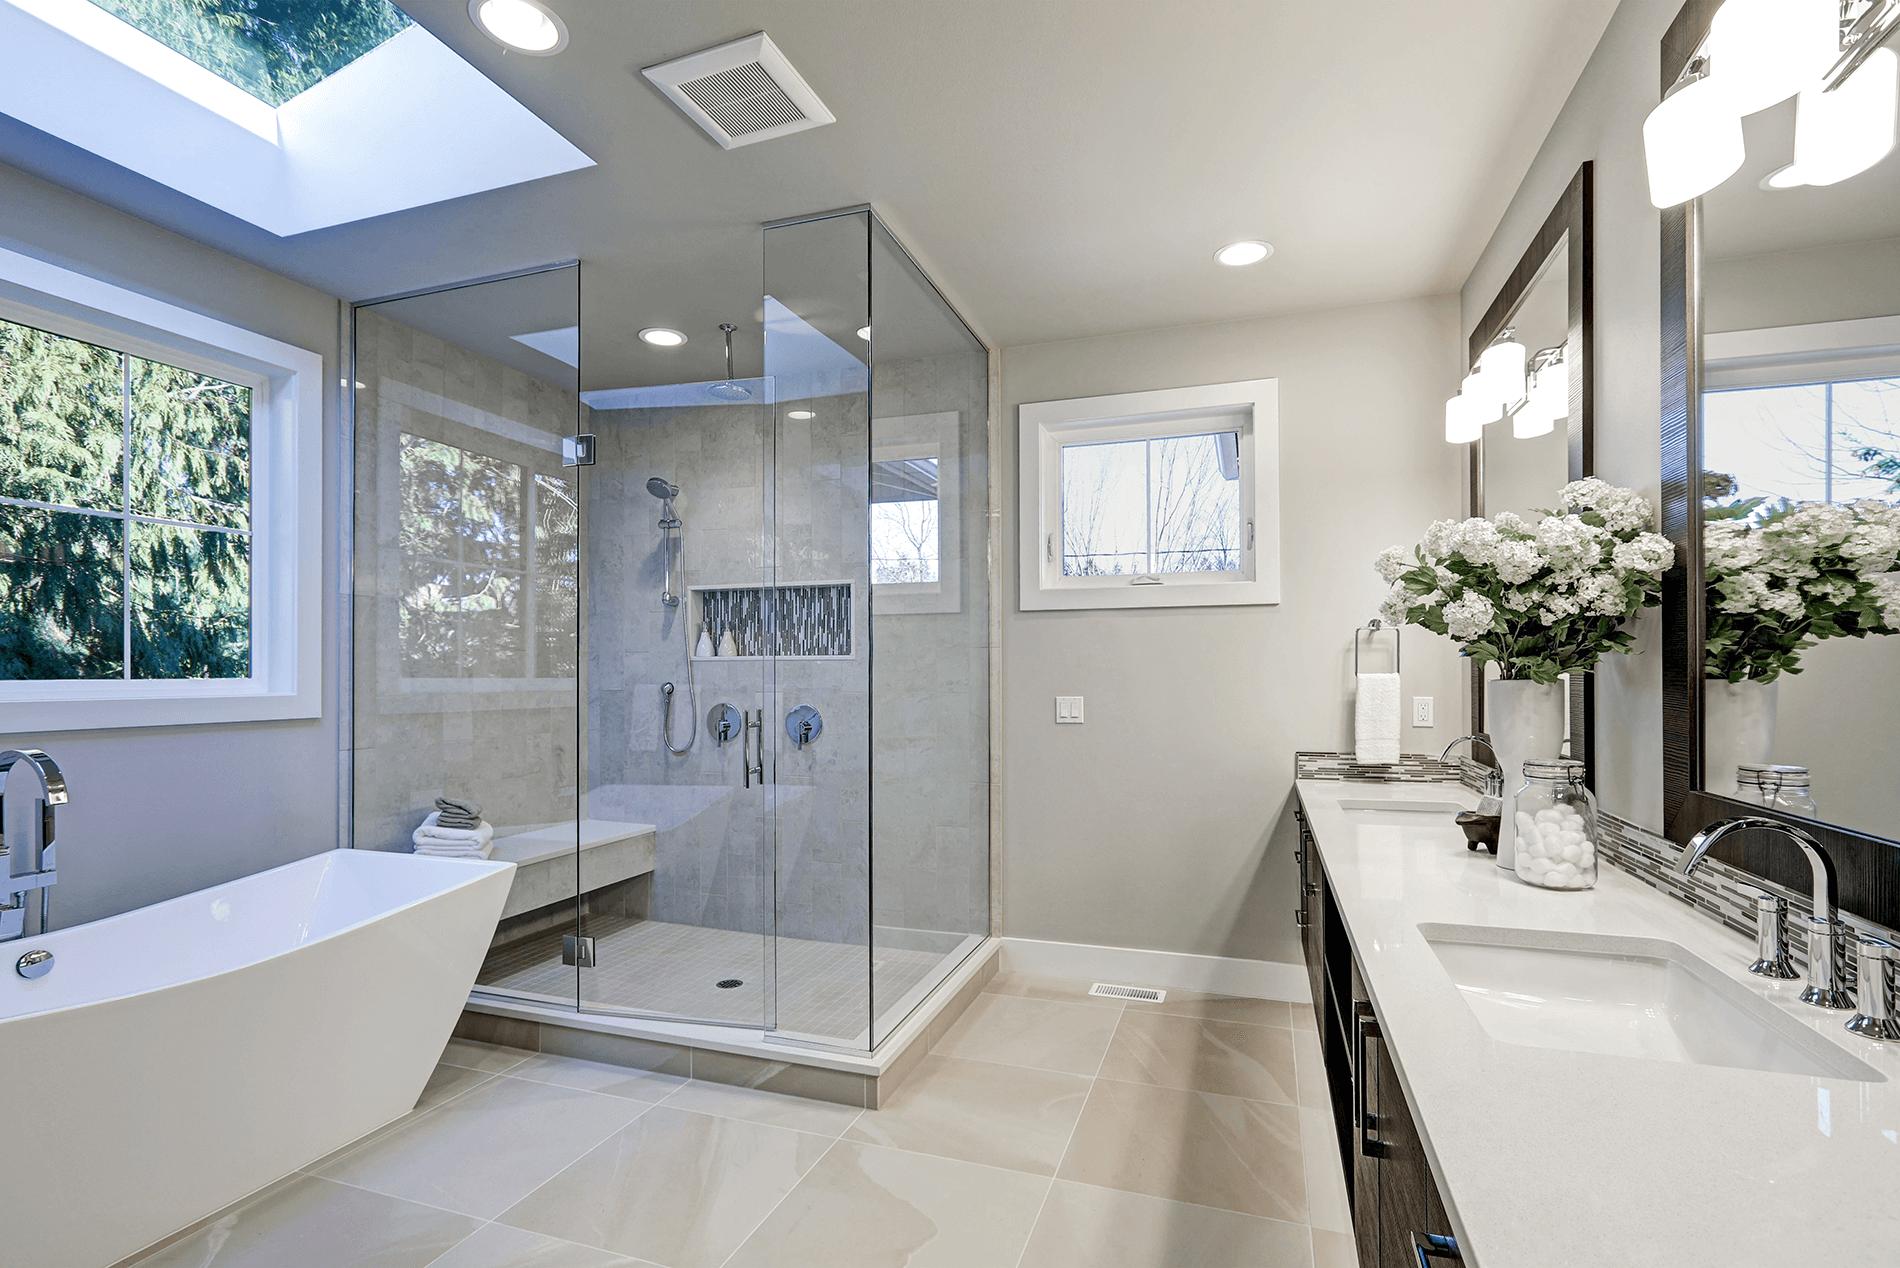 Mackay minimalist bathroom design